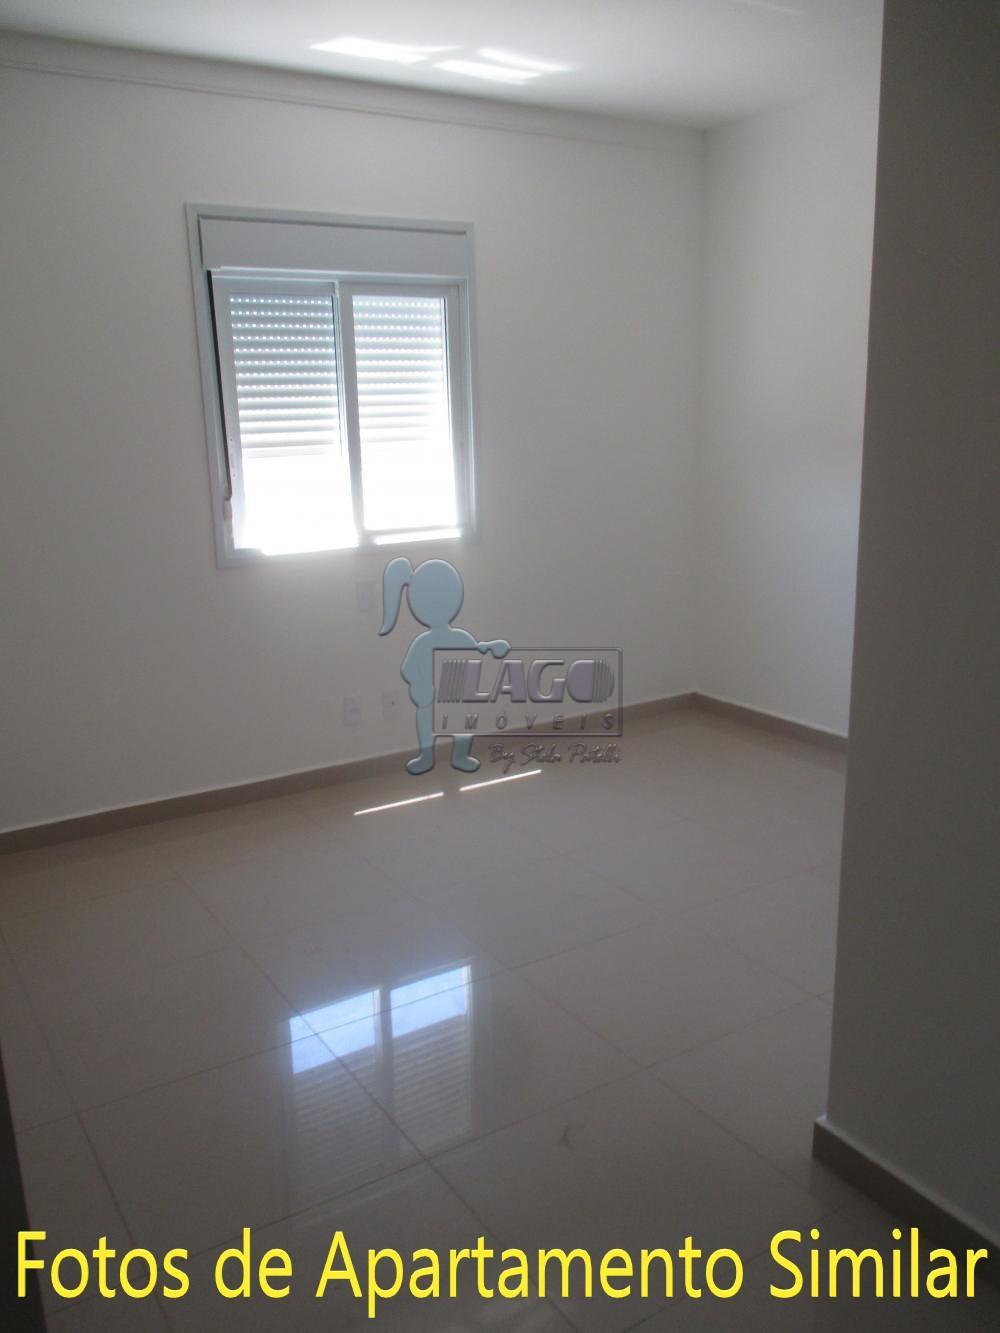 Comprar Apartamento / Padrão em Ribeirão Preto apenas R$ 820.000,00 - Foto 6